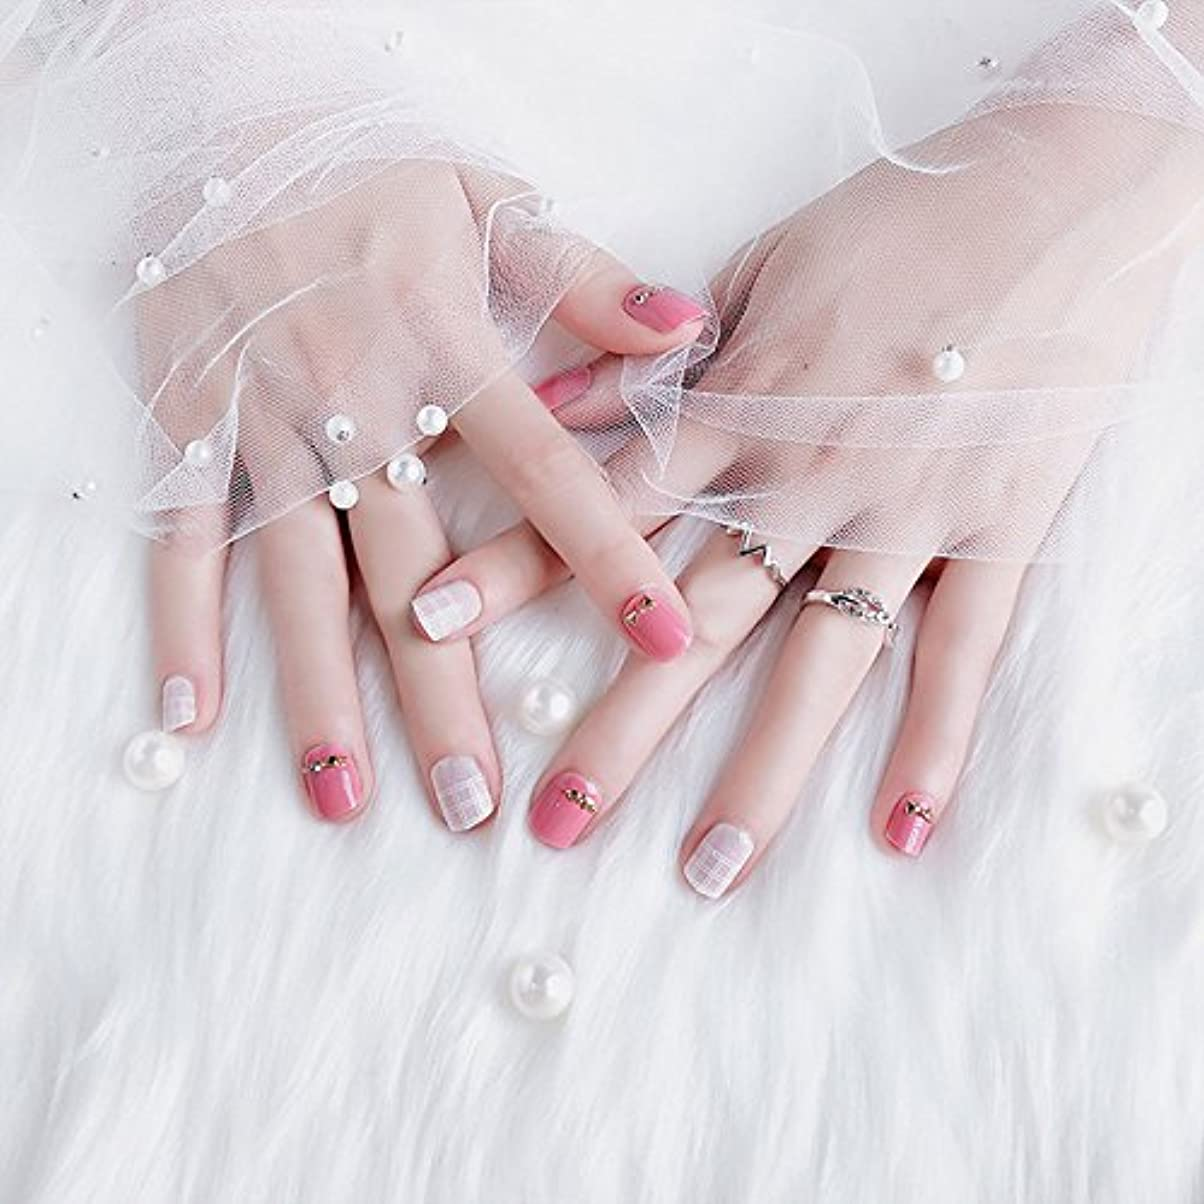 グラム高層ビルプロポーショナルおしゃれなネイルチップ 短いさネイルチップ 複数のスタイル 24枚入 結婚式、パーティー、二次会などに ネイルアート 手作りネイルチップ 両面接着テープ付き (ピンク)